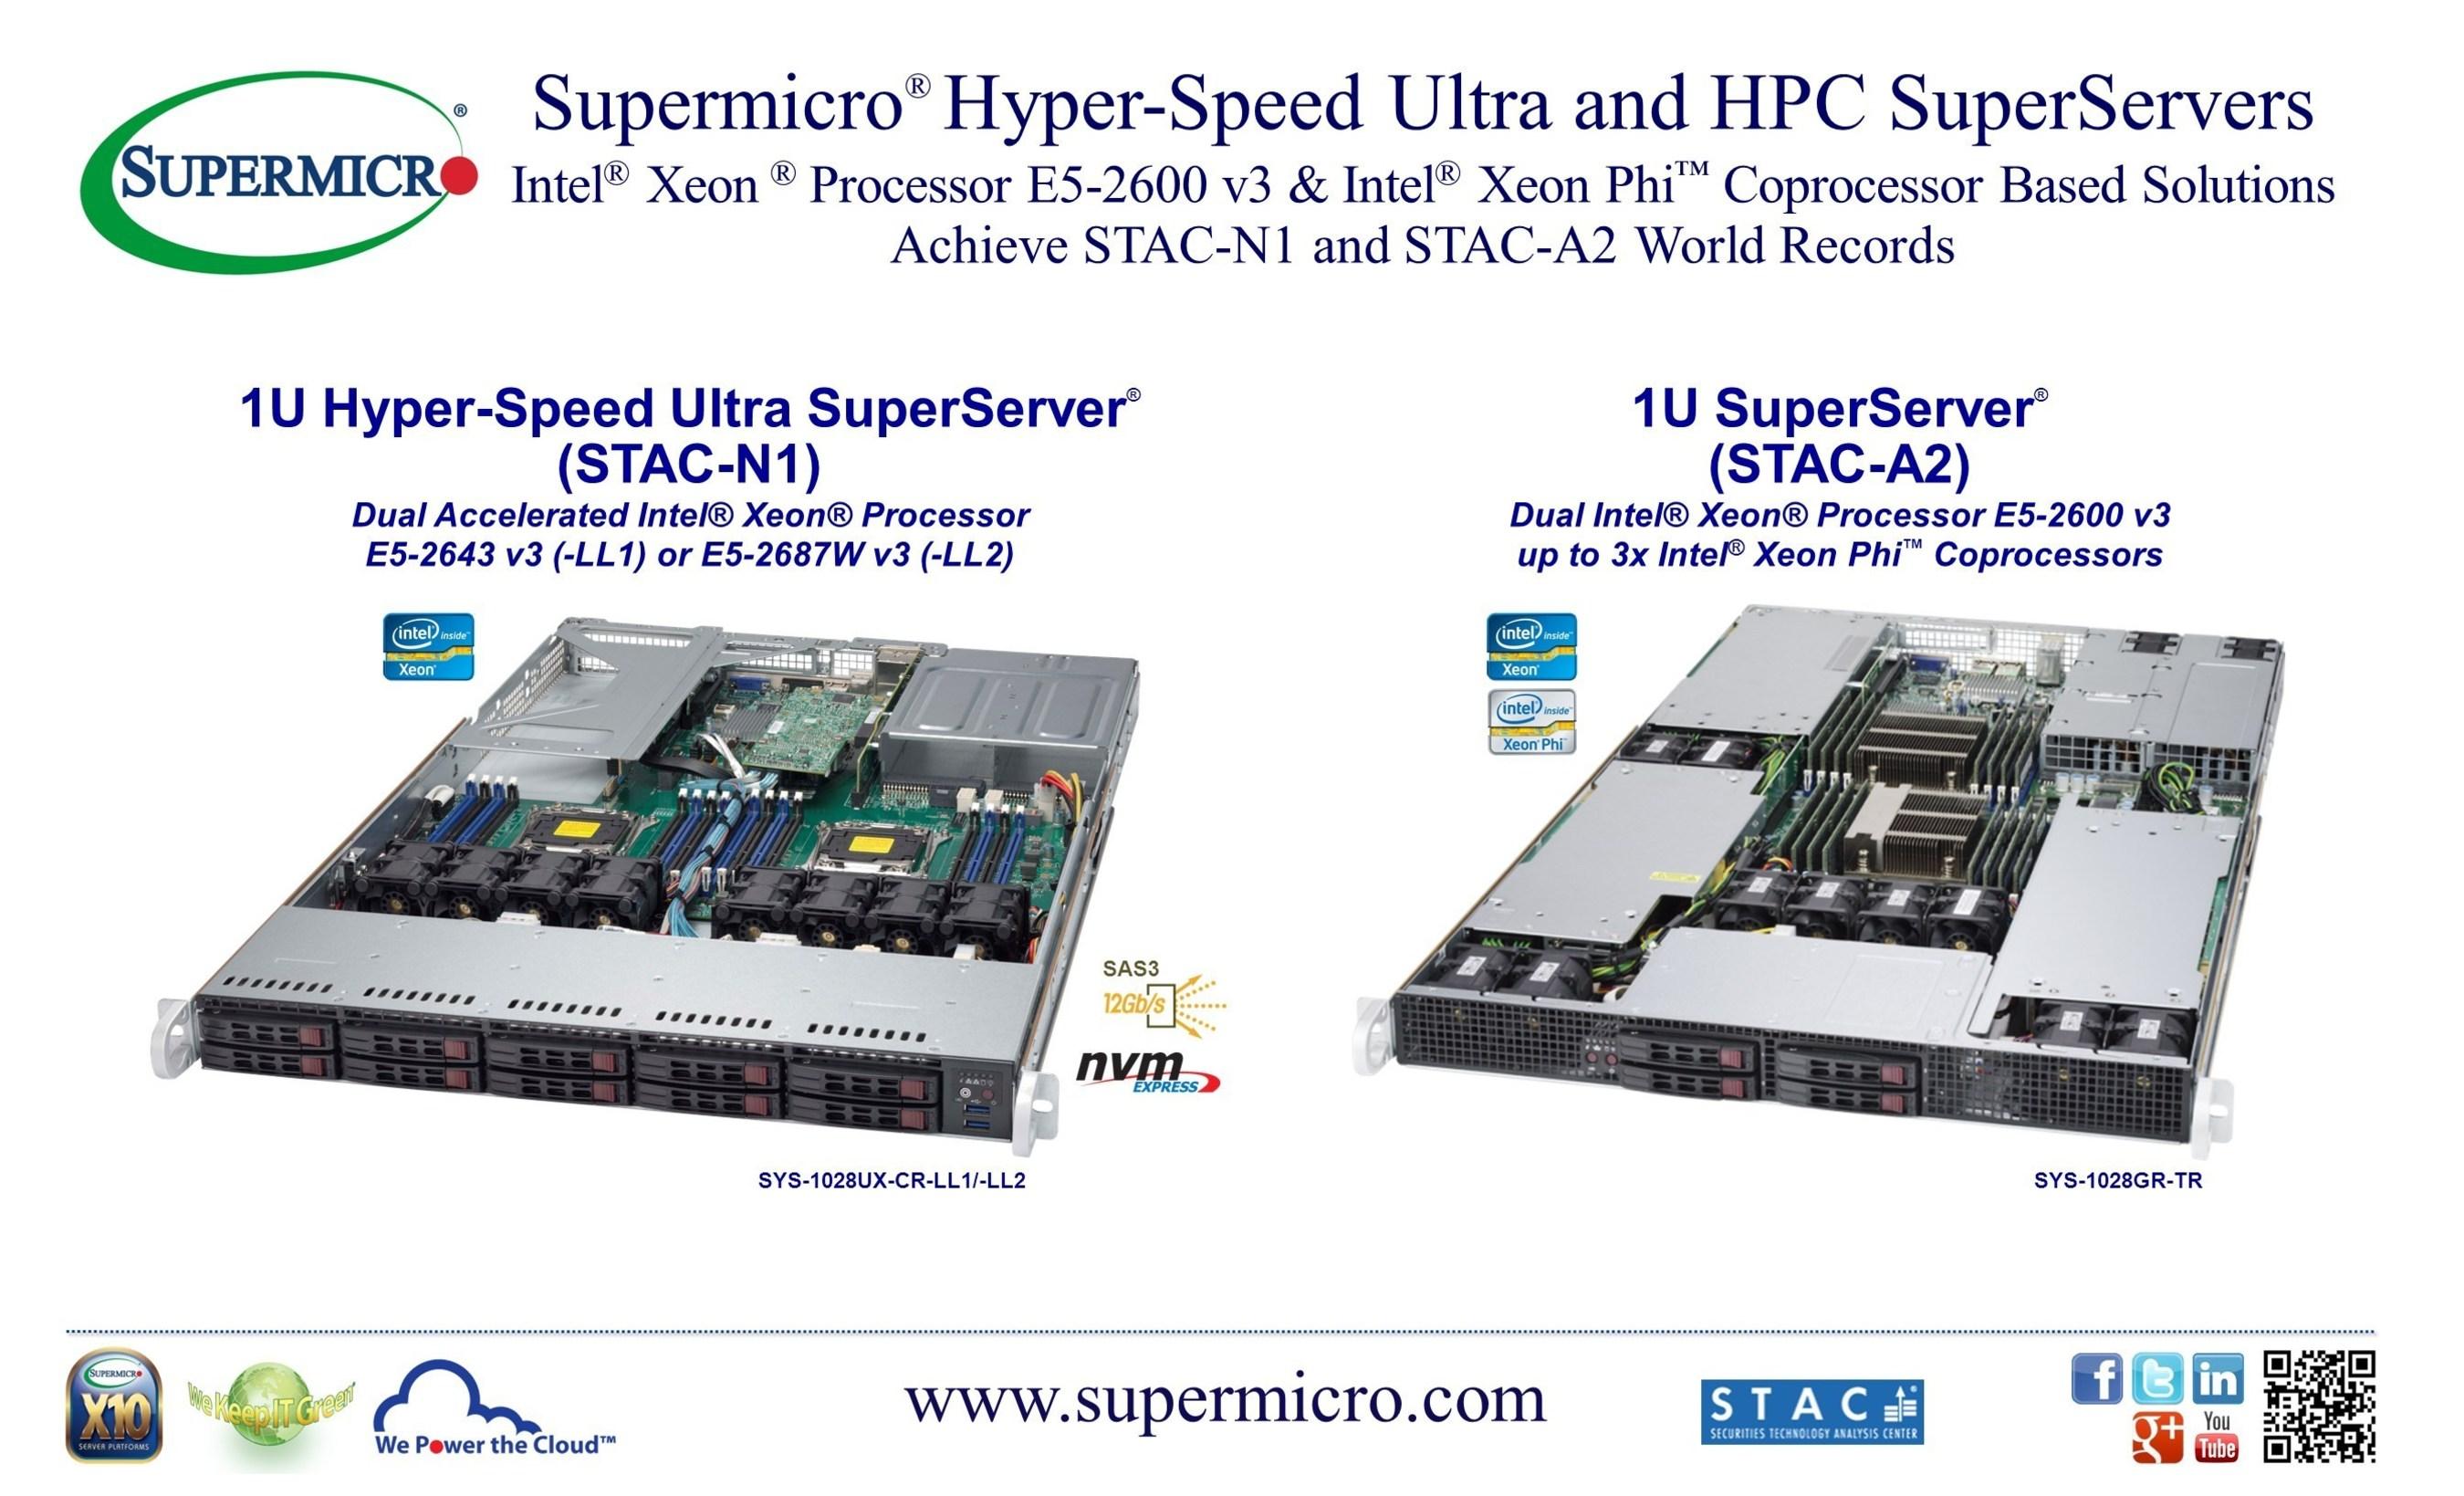 Supermicro® на саммите STAC объявила о достижении мировых рекордов в эталонных критериях времени